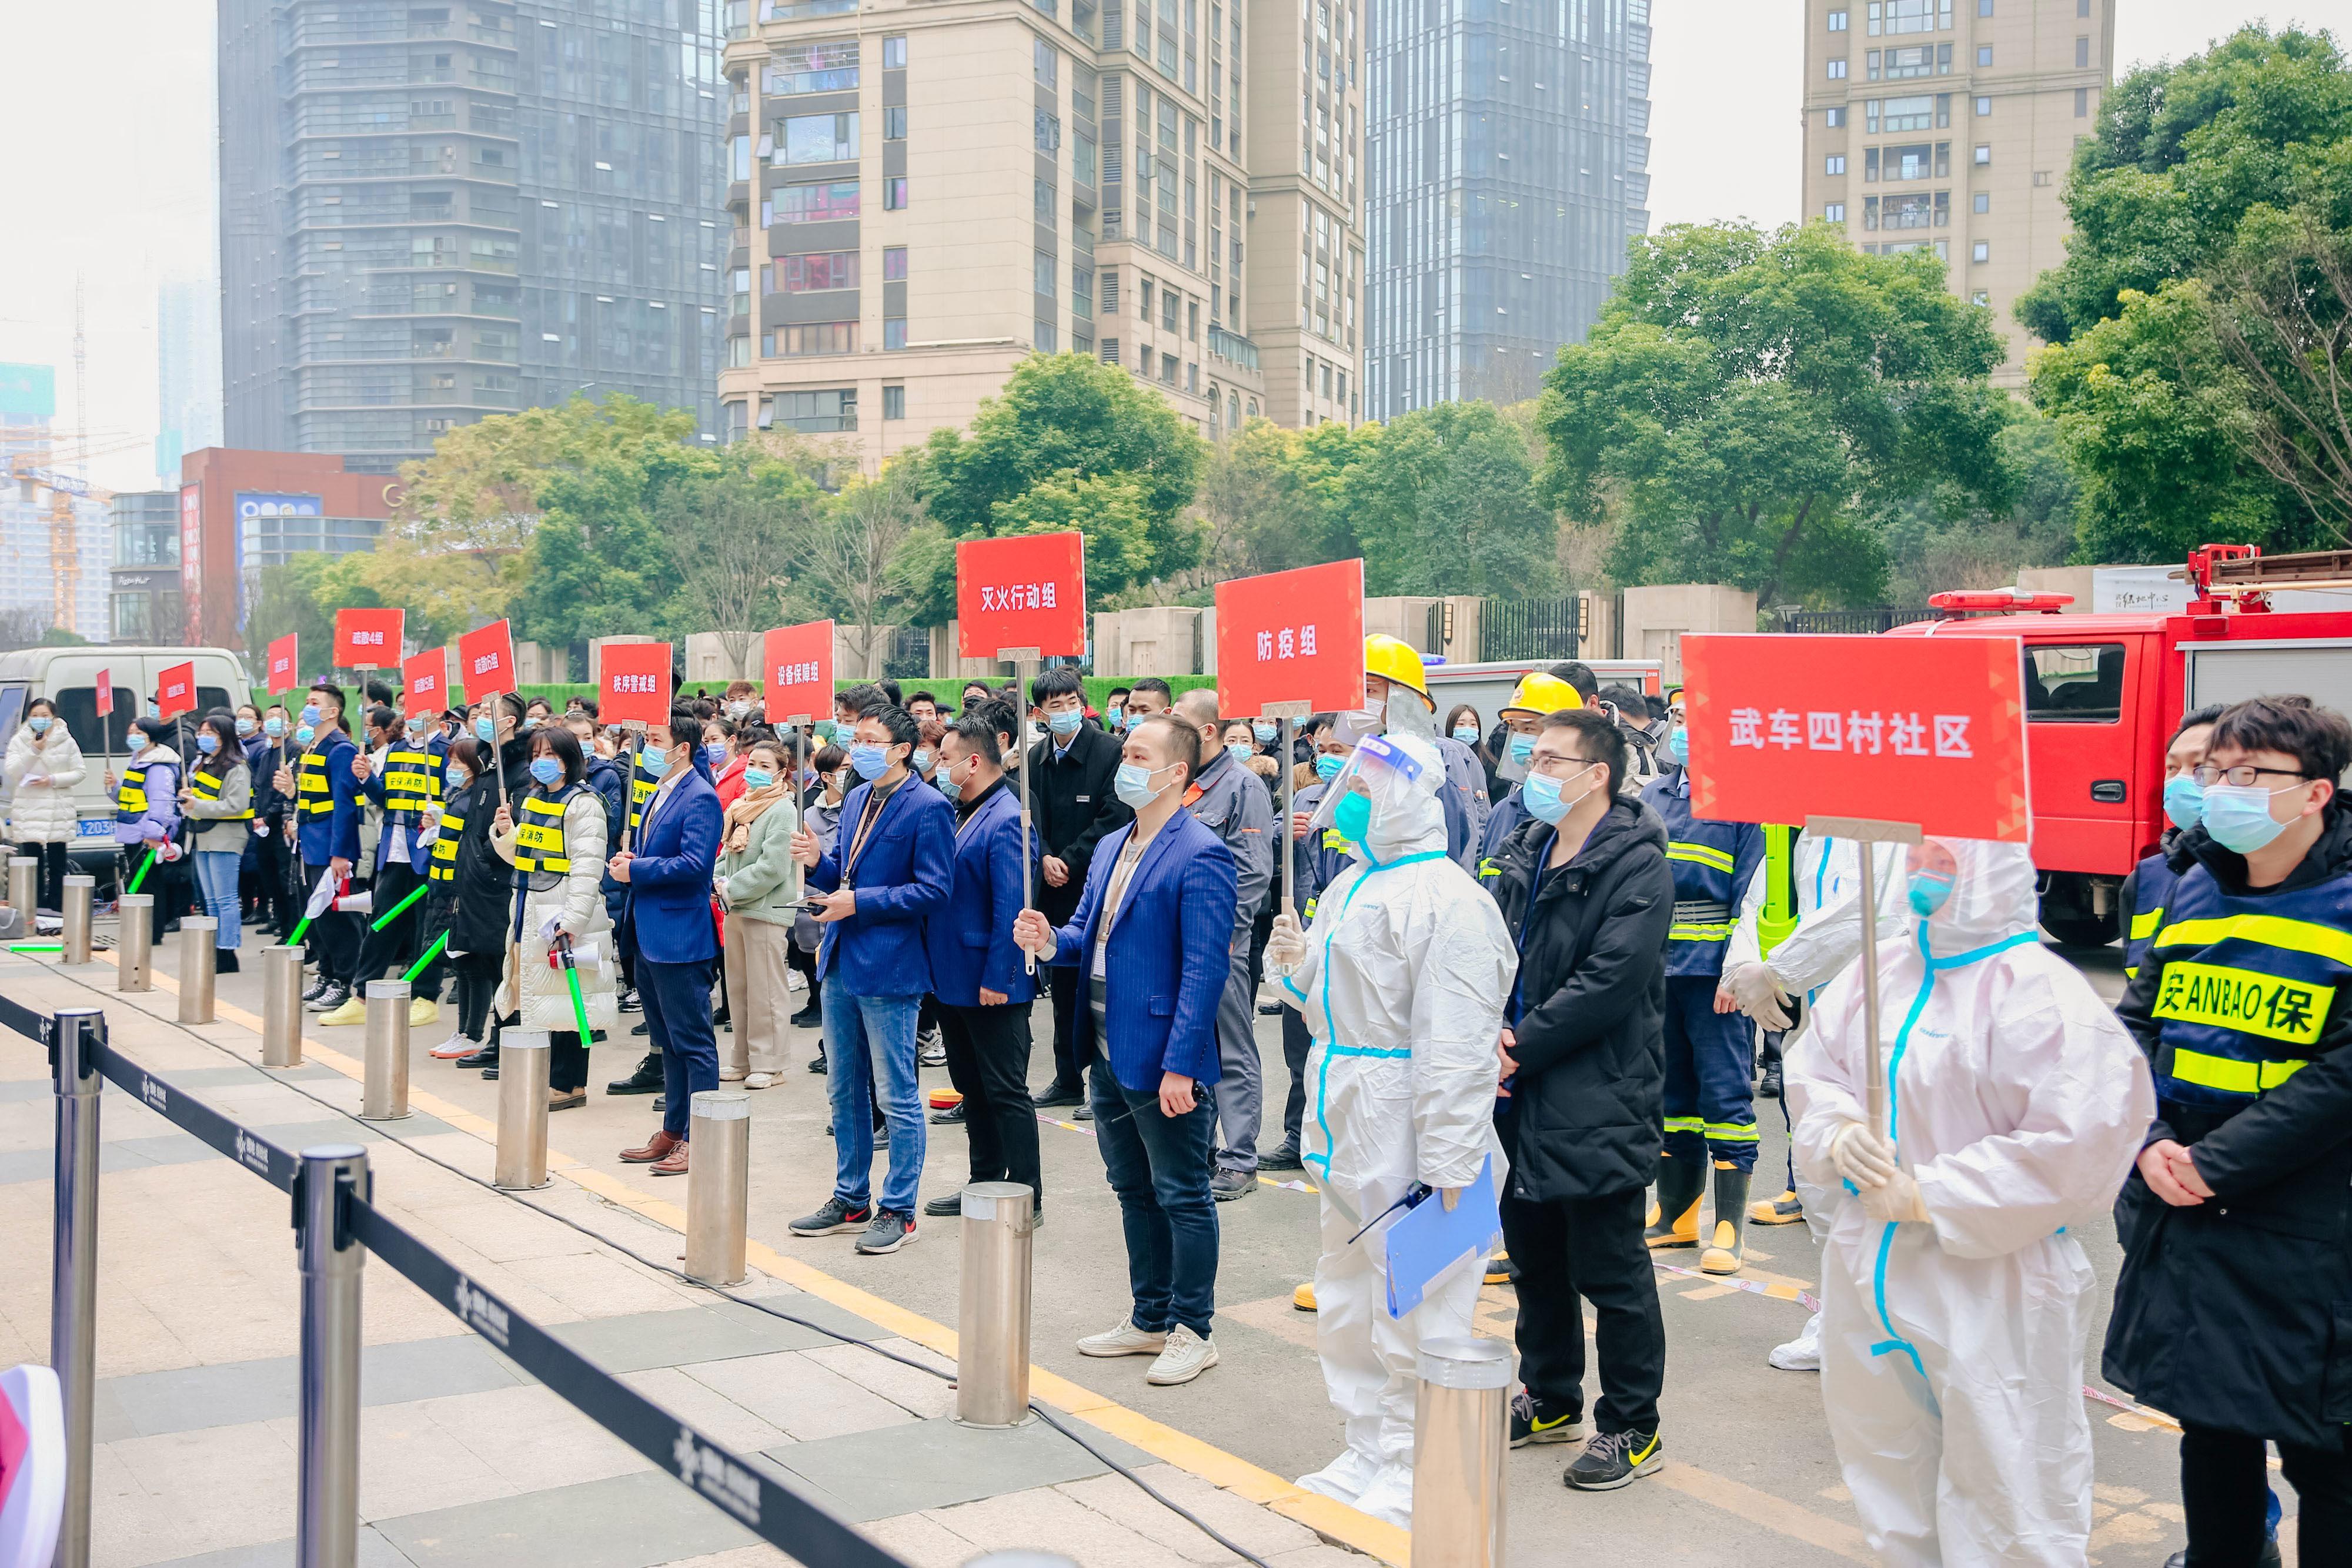 武昌区举办2020年武昌区商贸行业综合应急演练